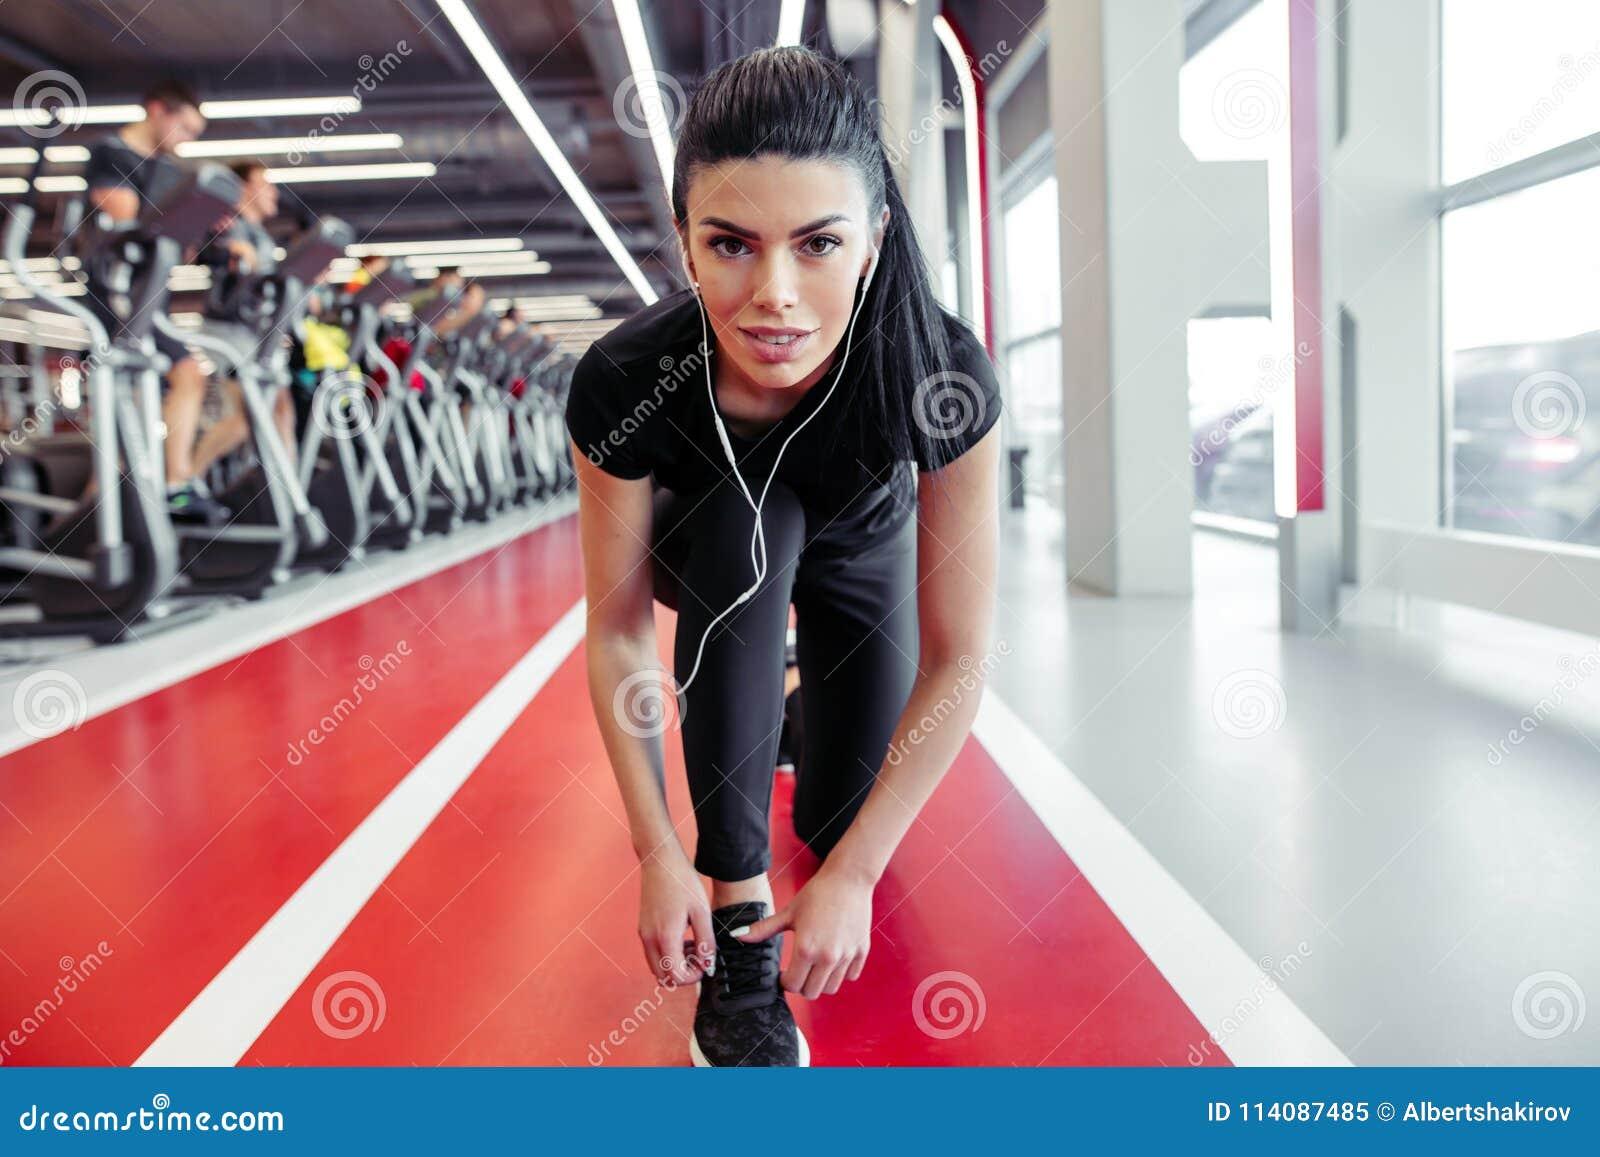 Κατάλληλο κορίτσι για να κάνει κάτω τα κορδόνια στη γυμναστική ικανότητας πρίν τρέχει την άσκηση workout